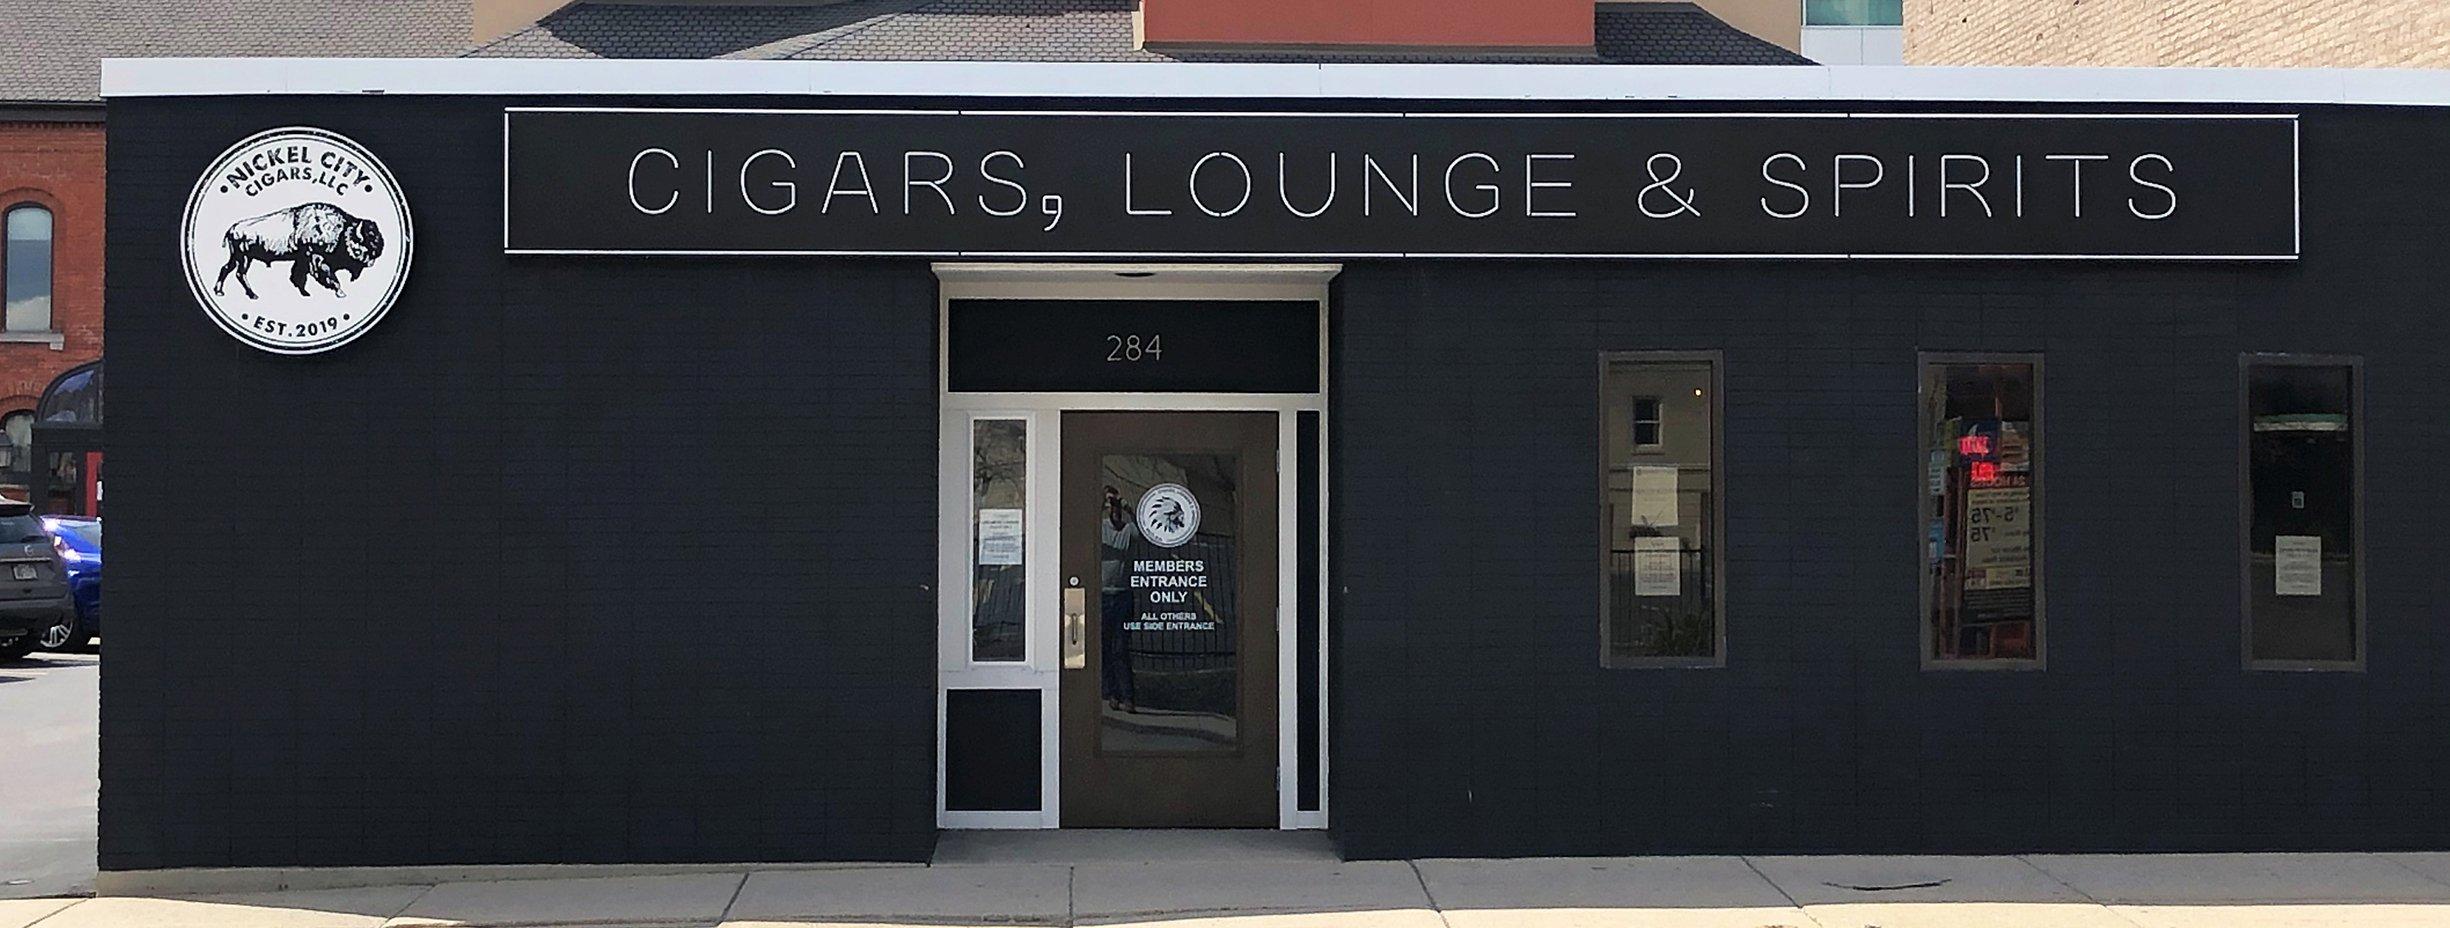 Nickel City Cigars - Building Facade Signage